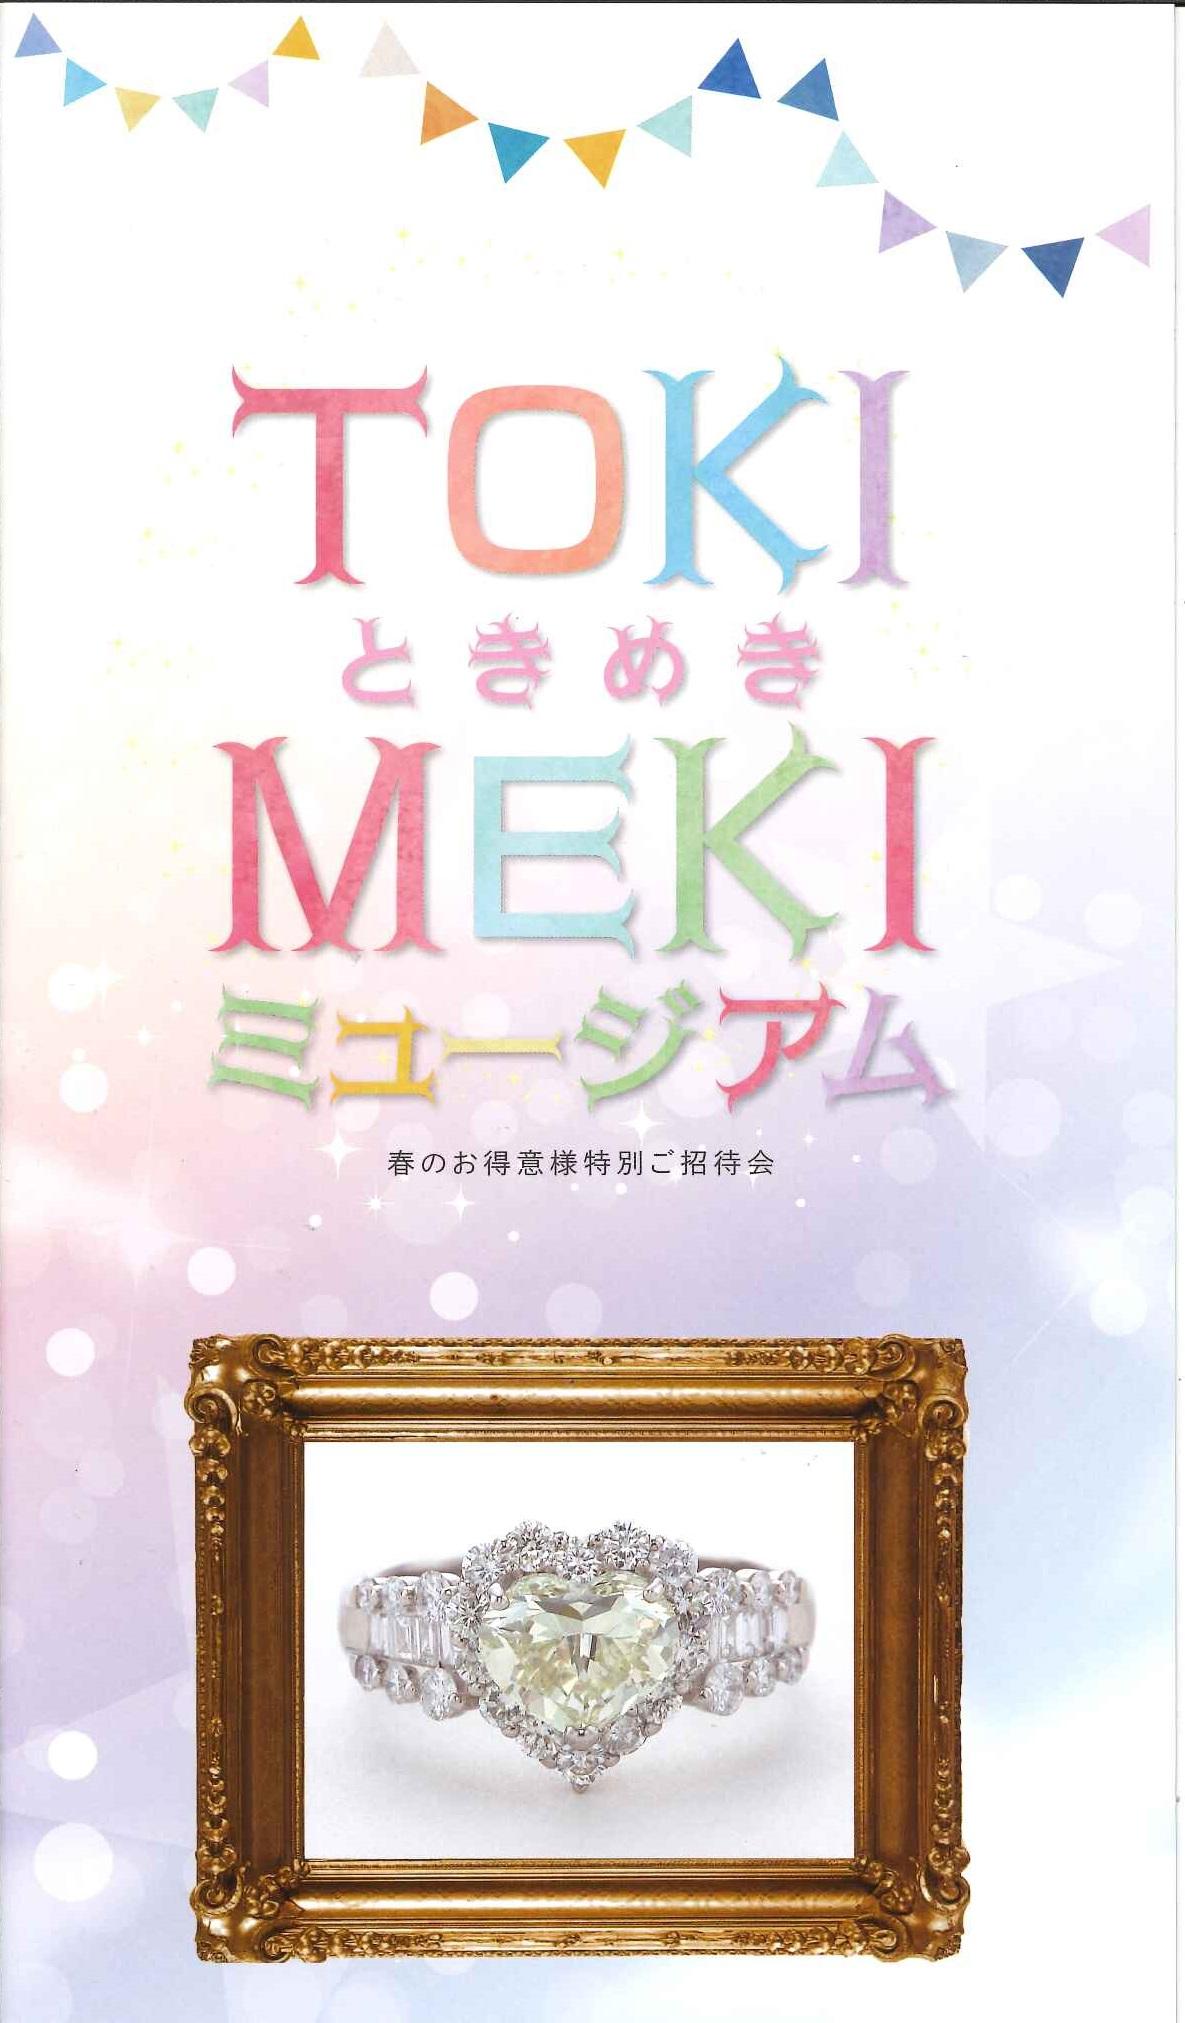 TOKIMEKIミュージアム♪いよいよ来週!